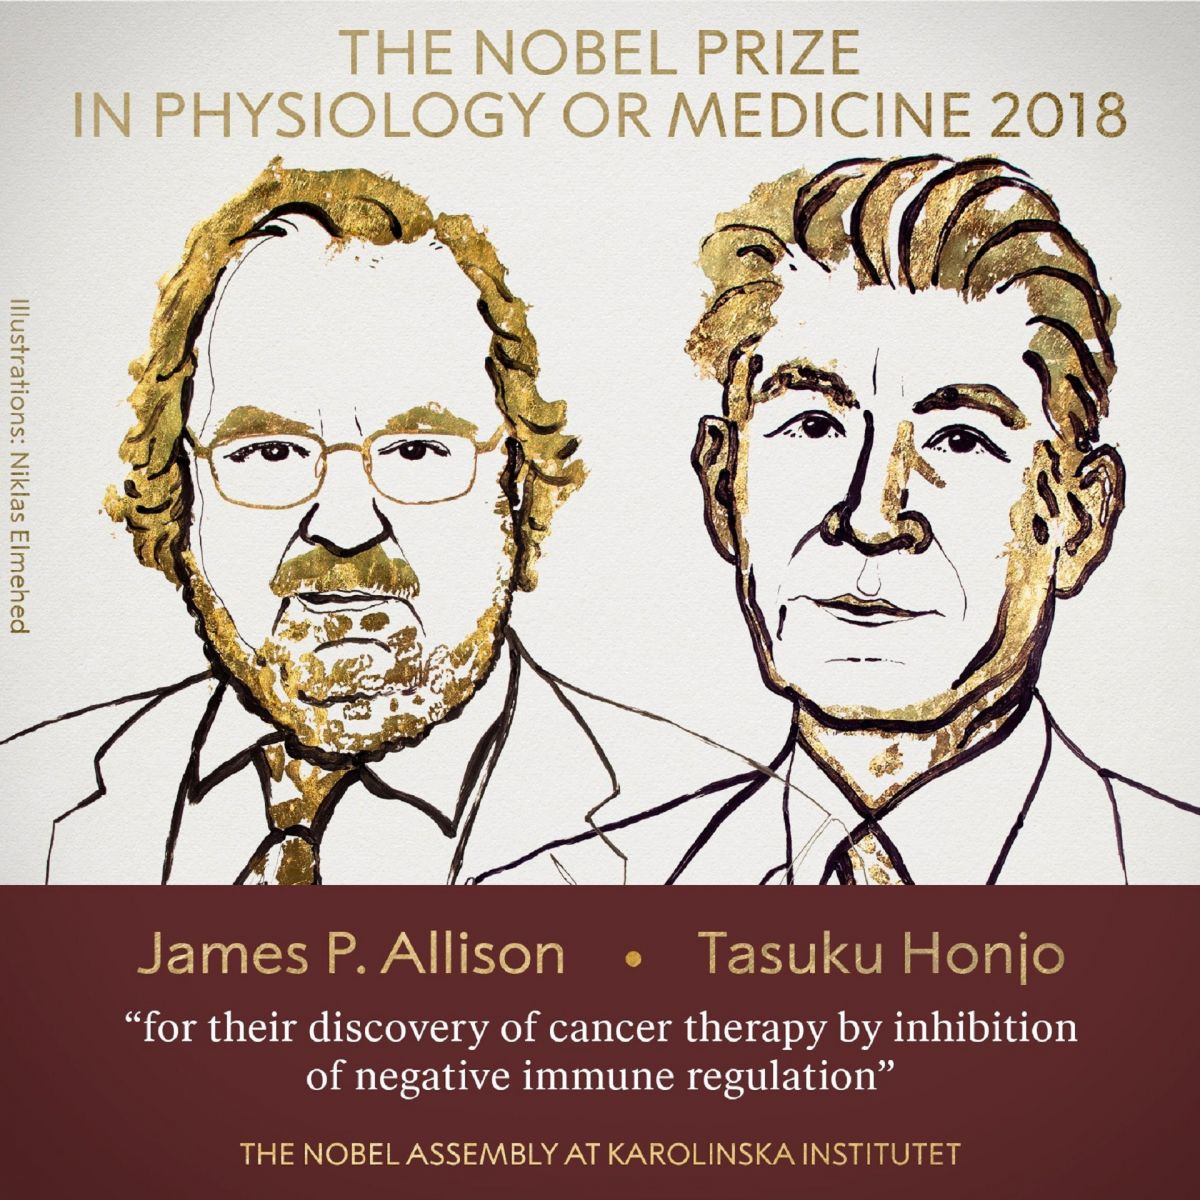 諾貝爾生理醫學獎出爐 美、日學者癌症免疫療法新突破